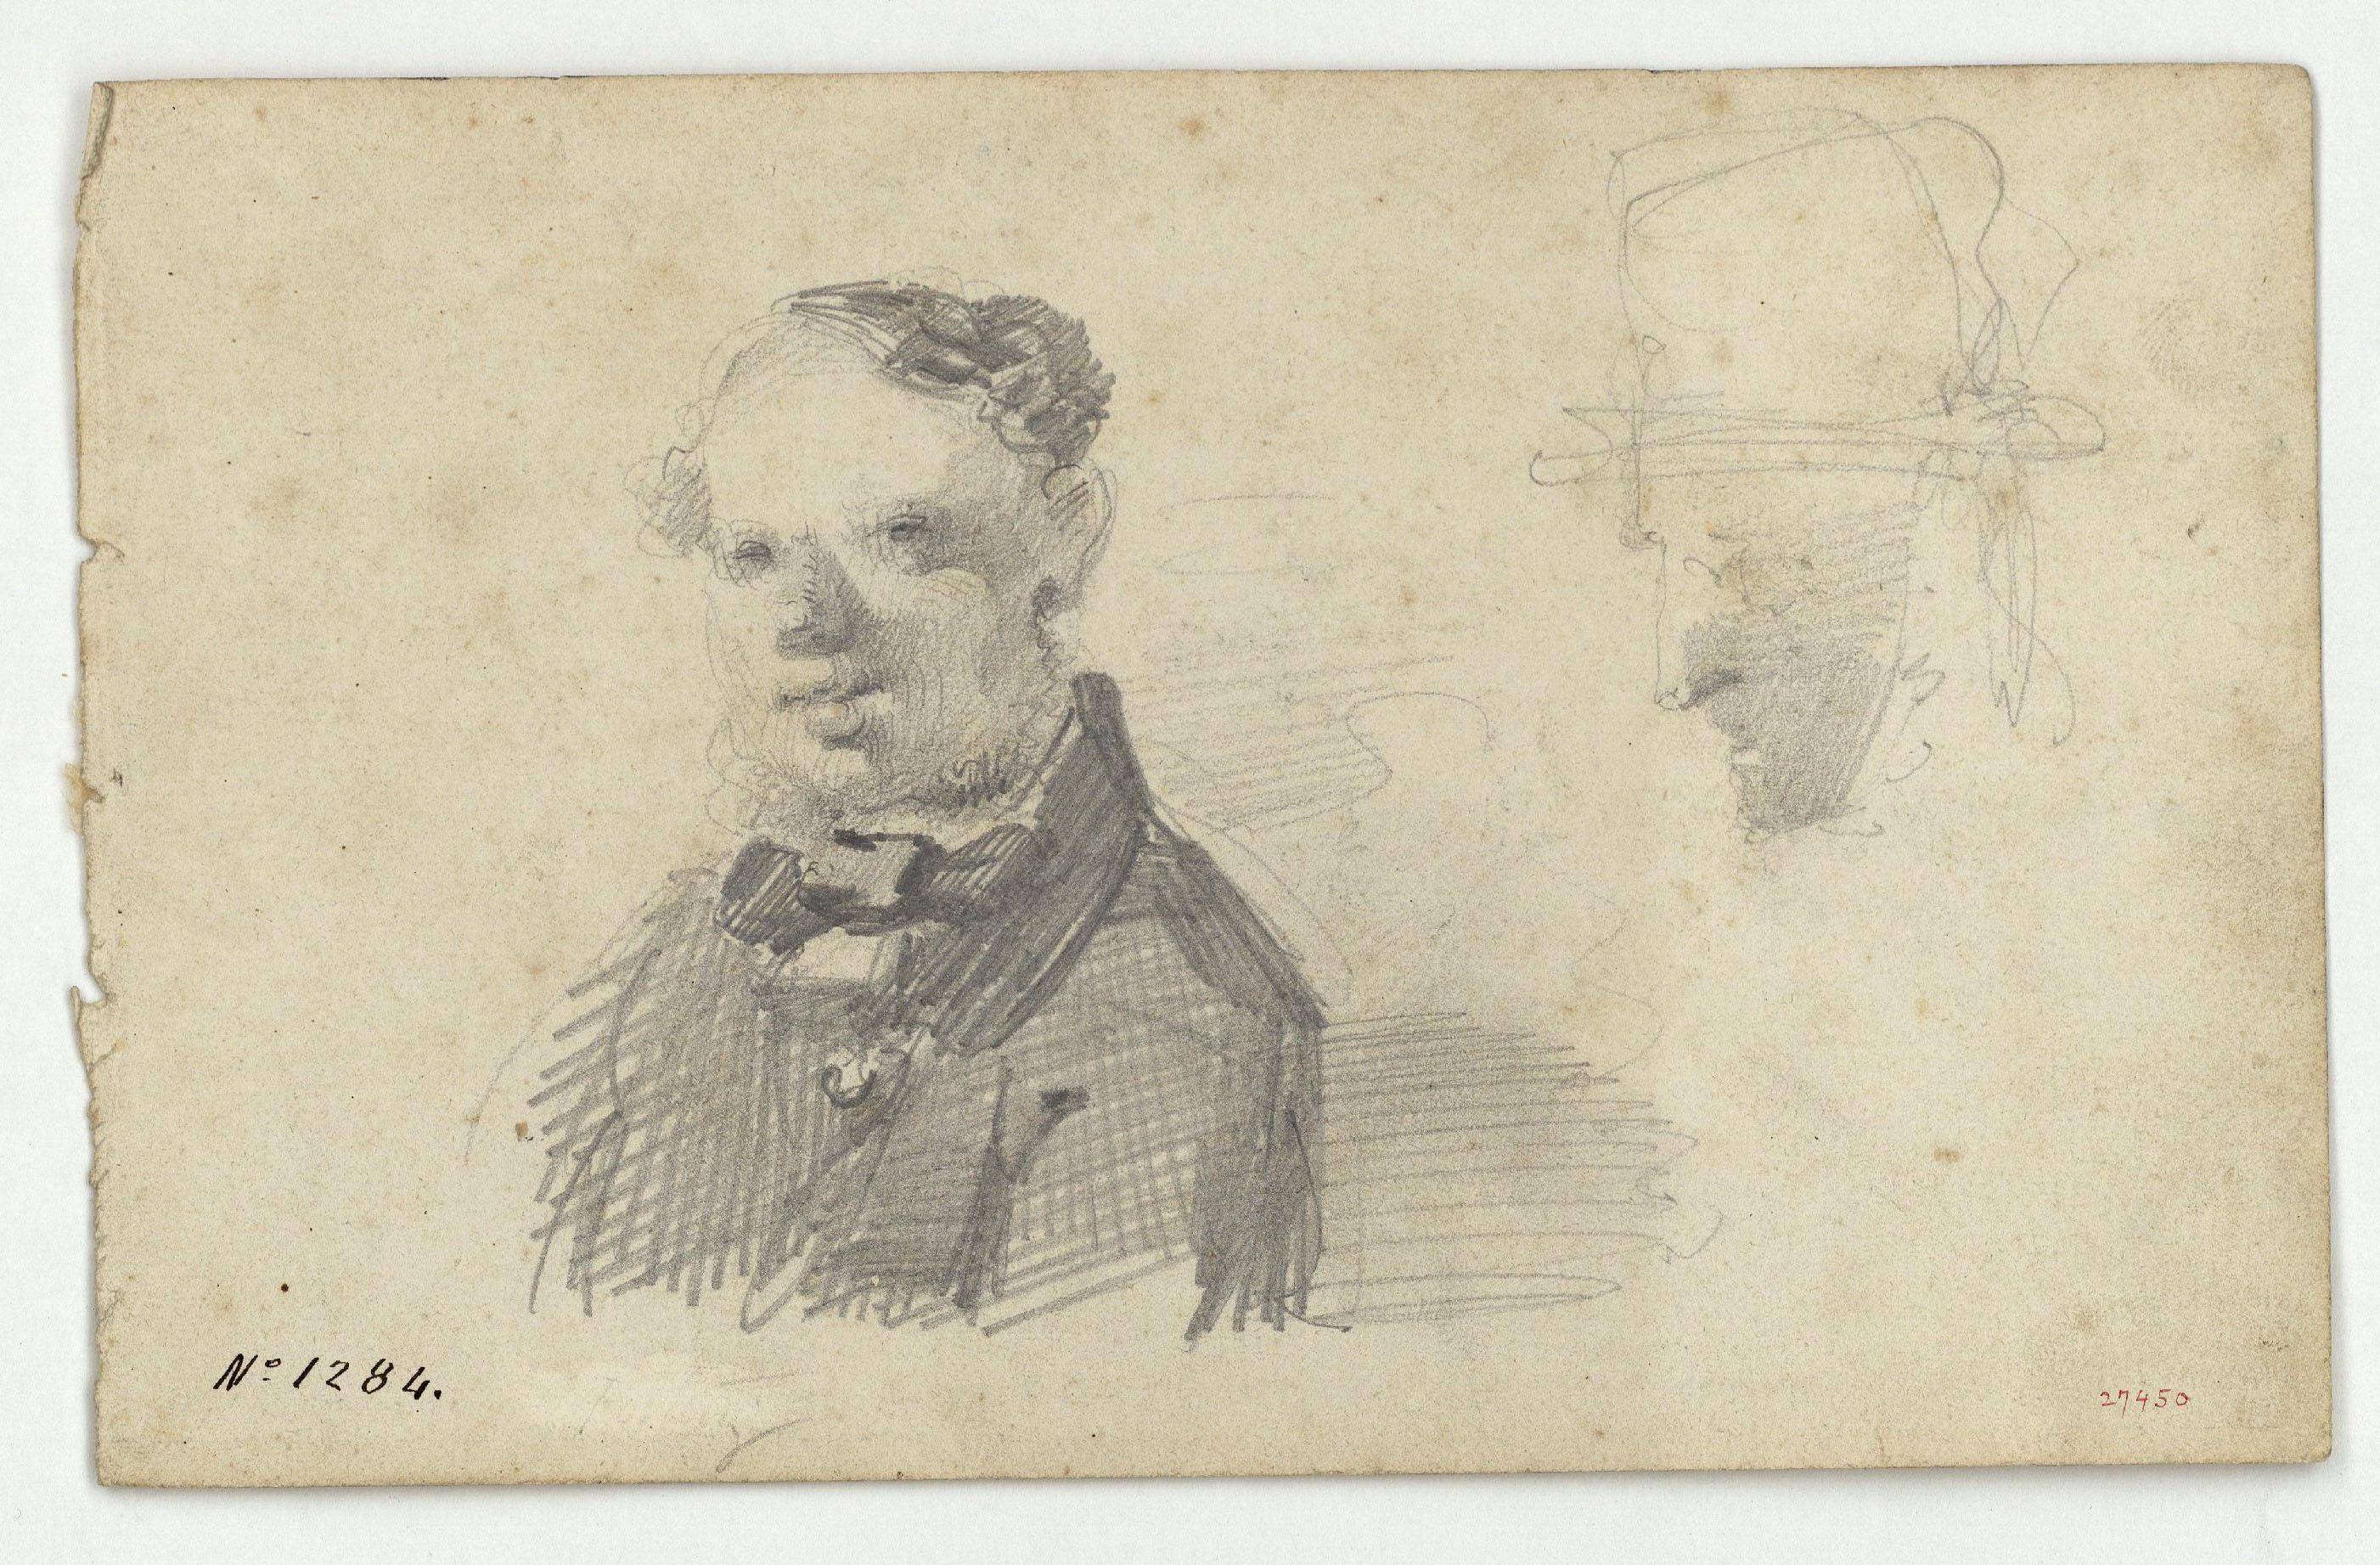 Marià Fortuny - Bust i cap de personatges anglesos - Cap a 1856-1858